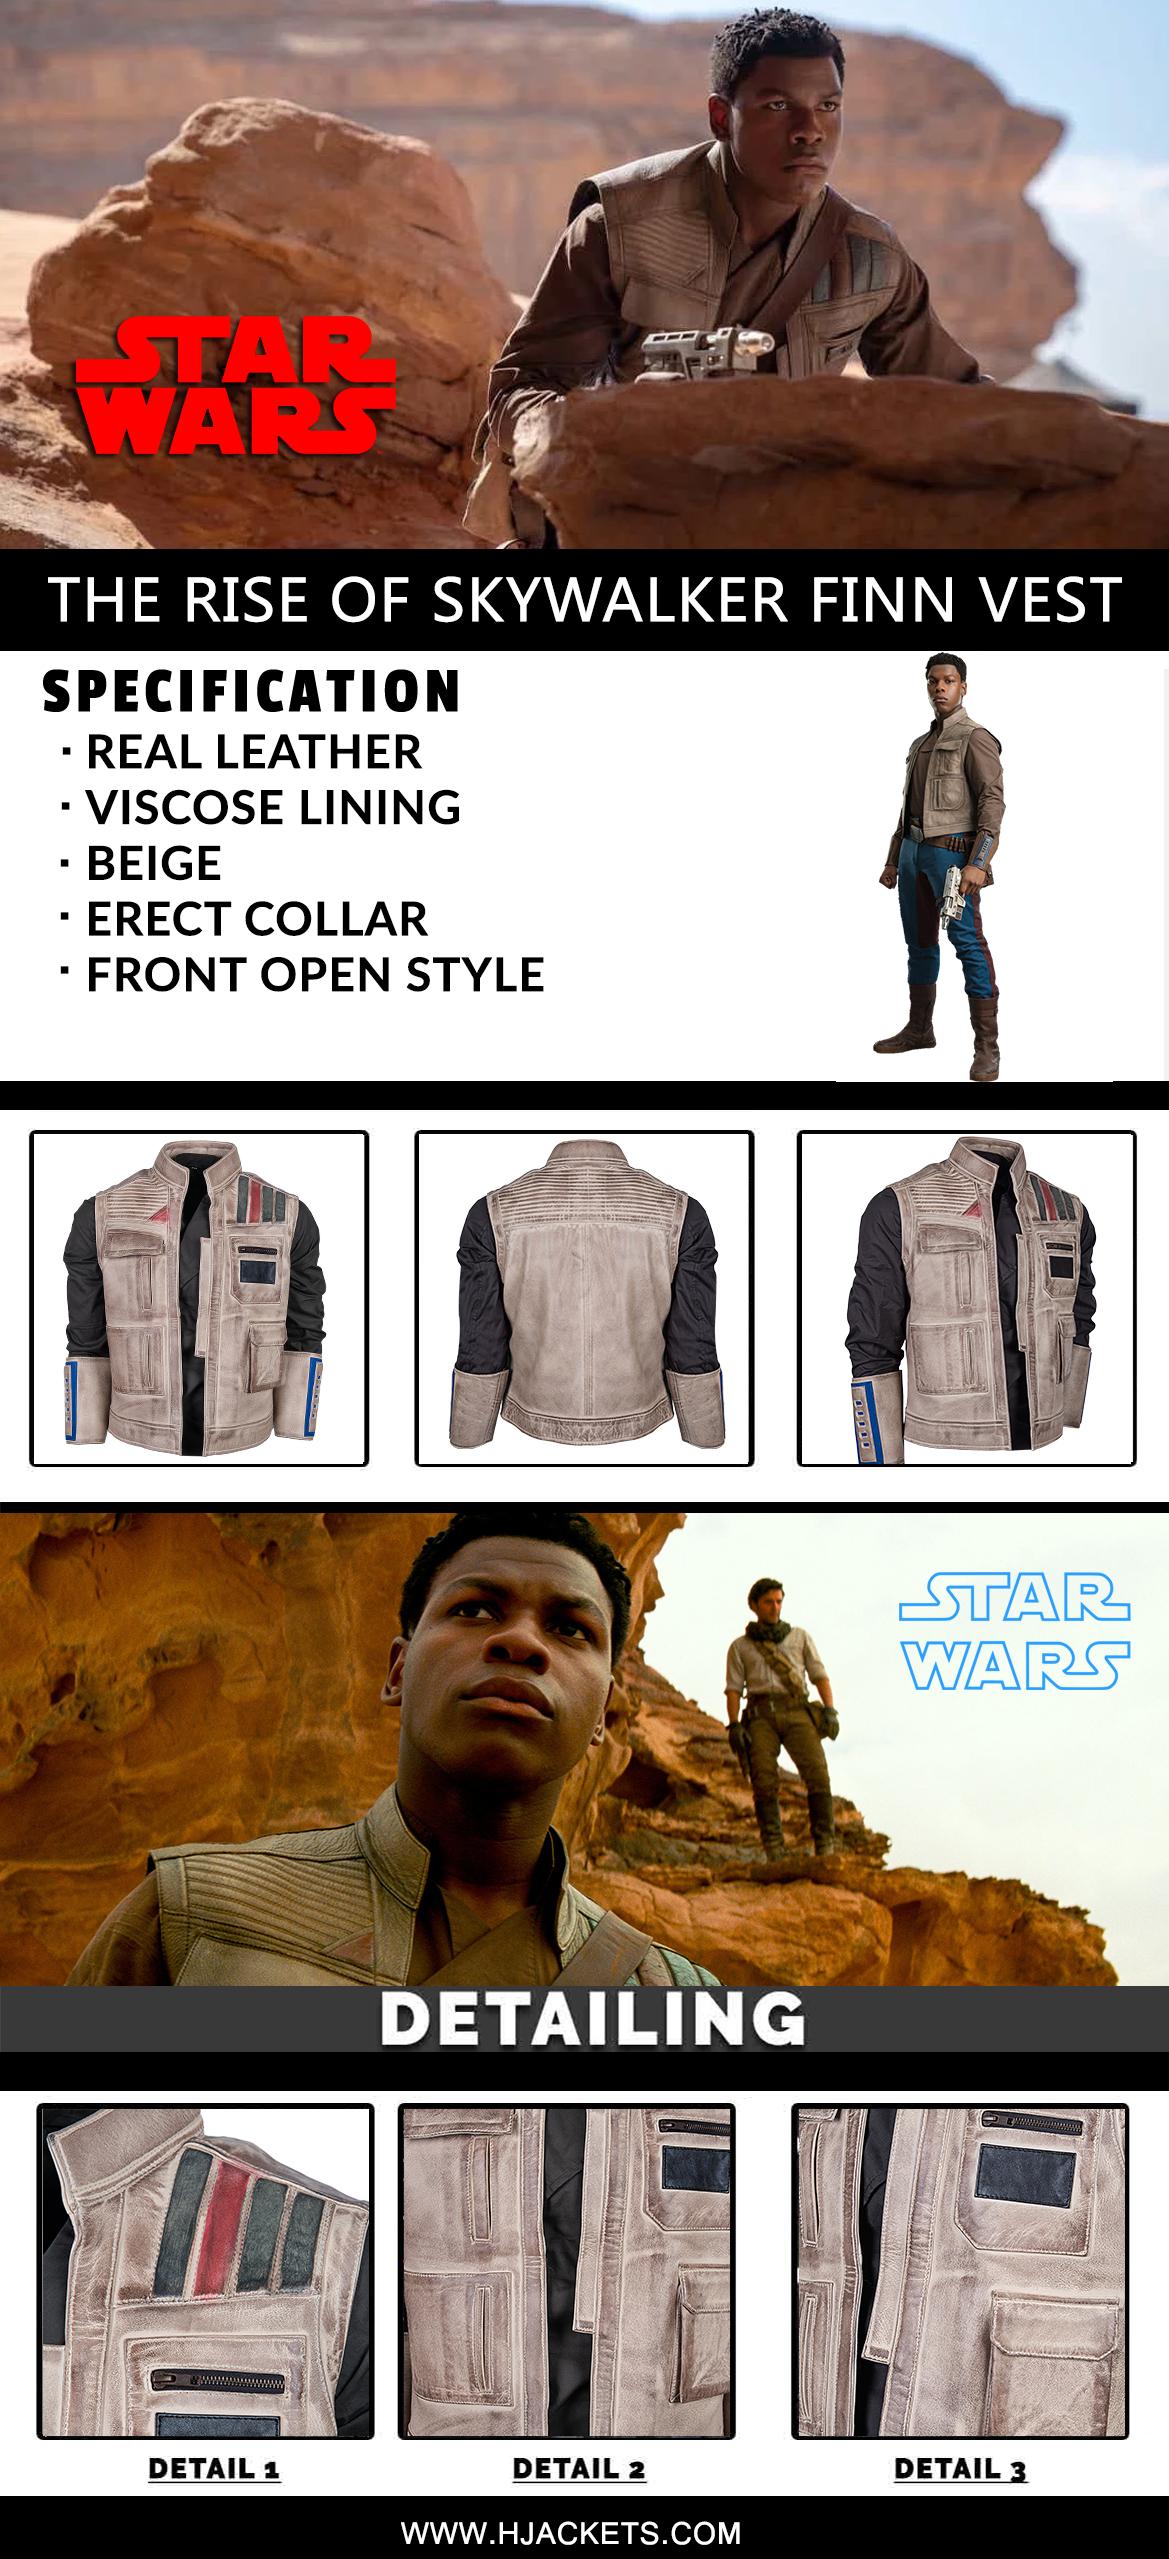 Star Wars The Rise Of Skywalker Finn Vest Infographic